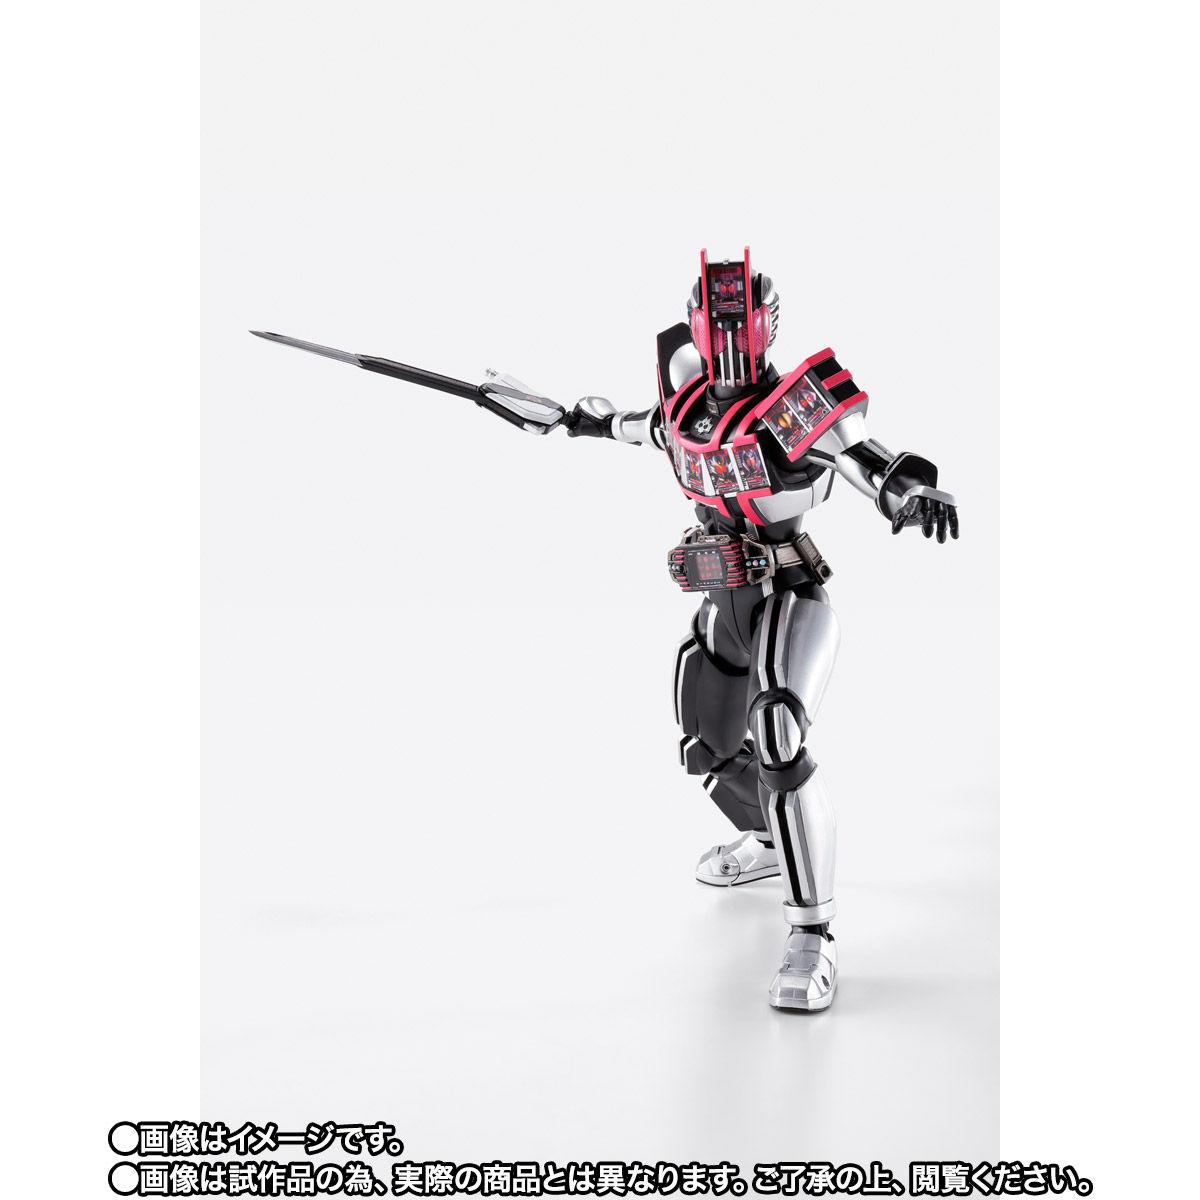 【限定販売】S.H.Figuarts(真骨彫製法)『仮面ライダーディケイド コンプリートフォーム』可動フィギュア-006